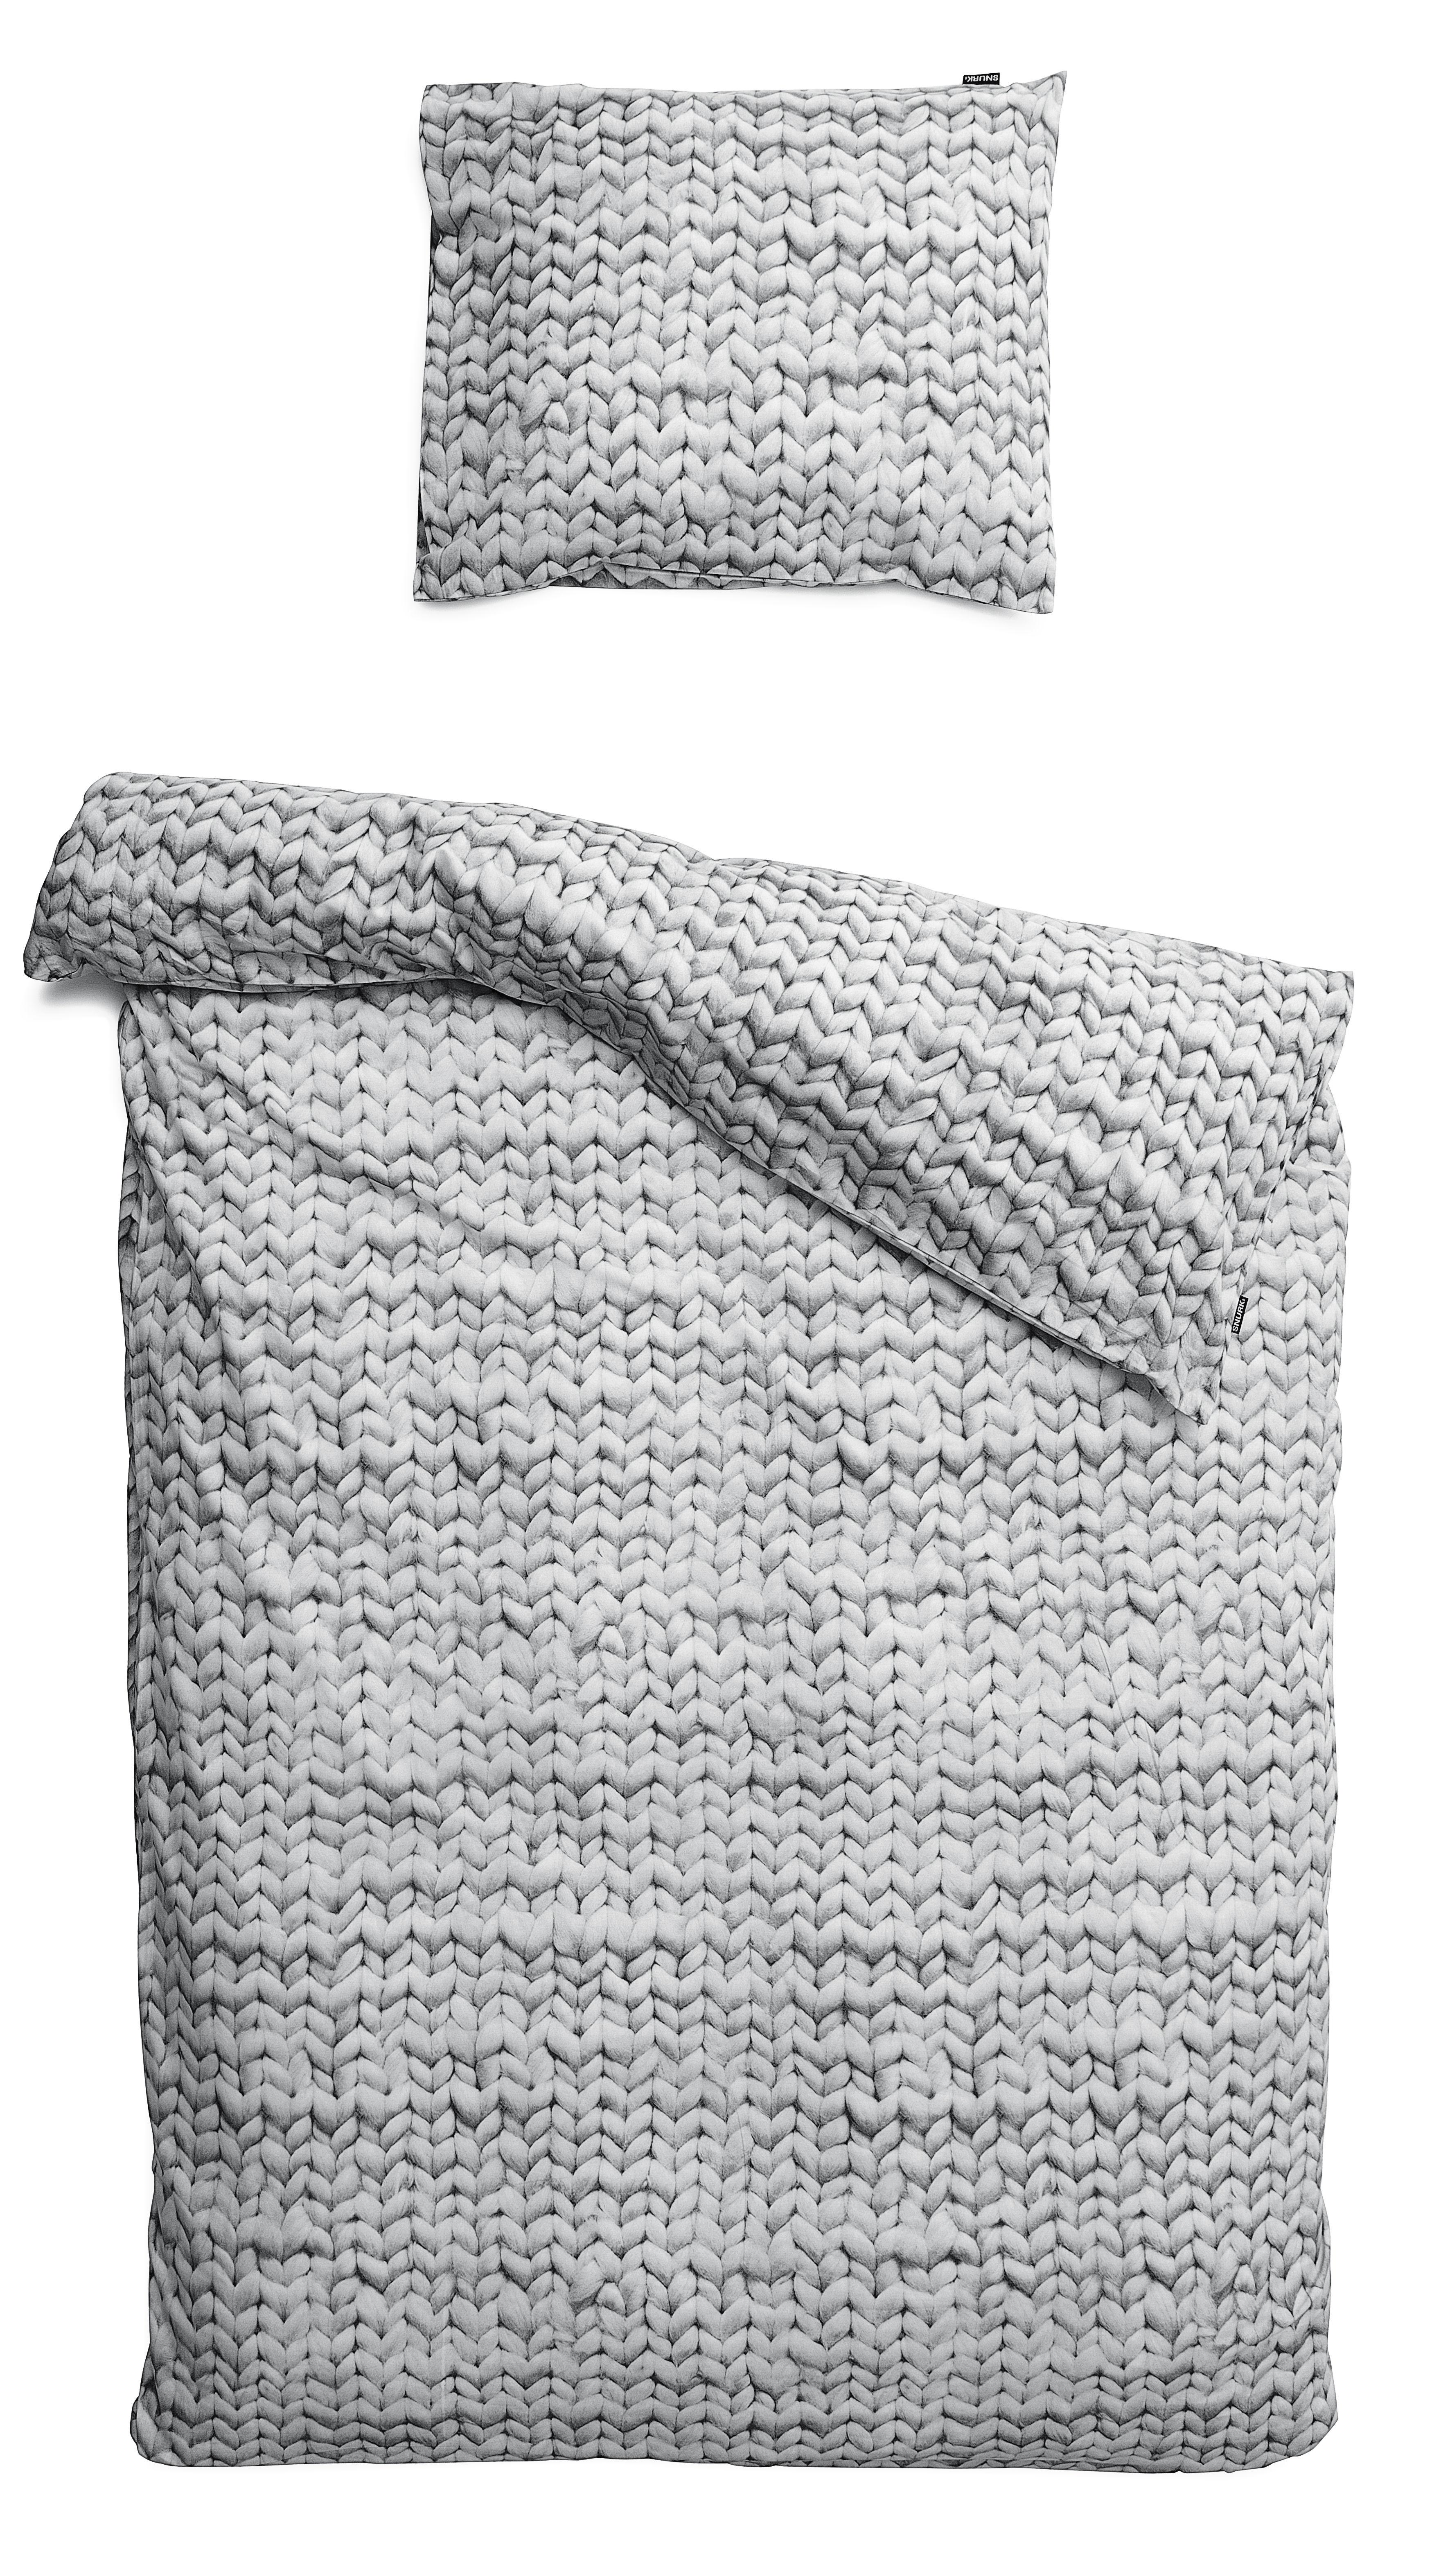 Dekoration - Wohntextilien - Twirre Bettwäsche-Set für 2 Personen / 3-teilig, für 2 Personen - 240 x 220 cm - Snurk - Stricklook, grau - Percale de coton